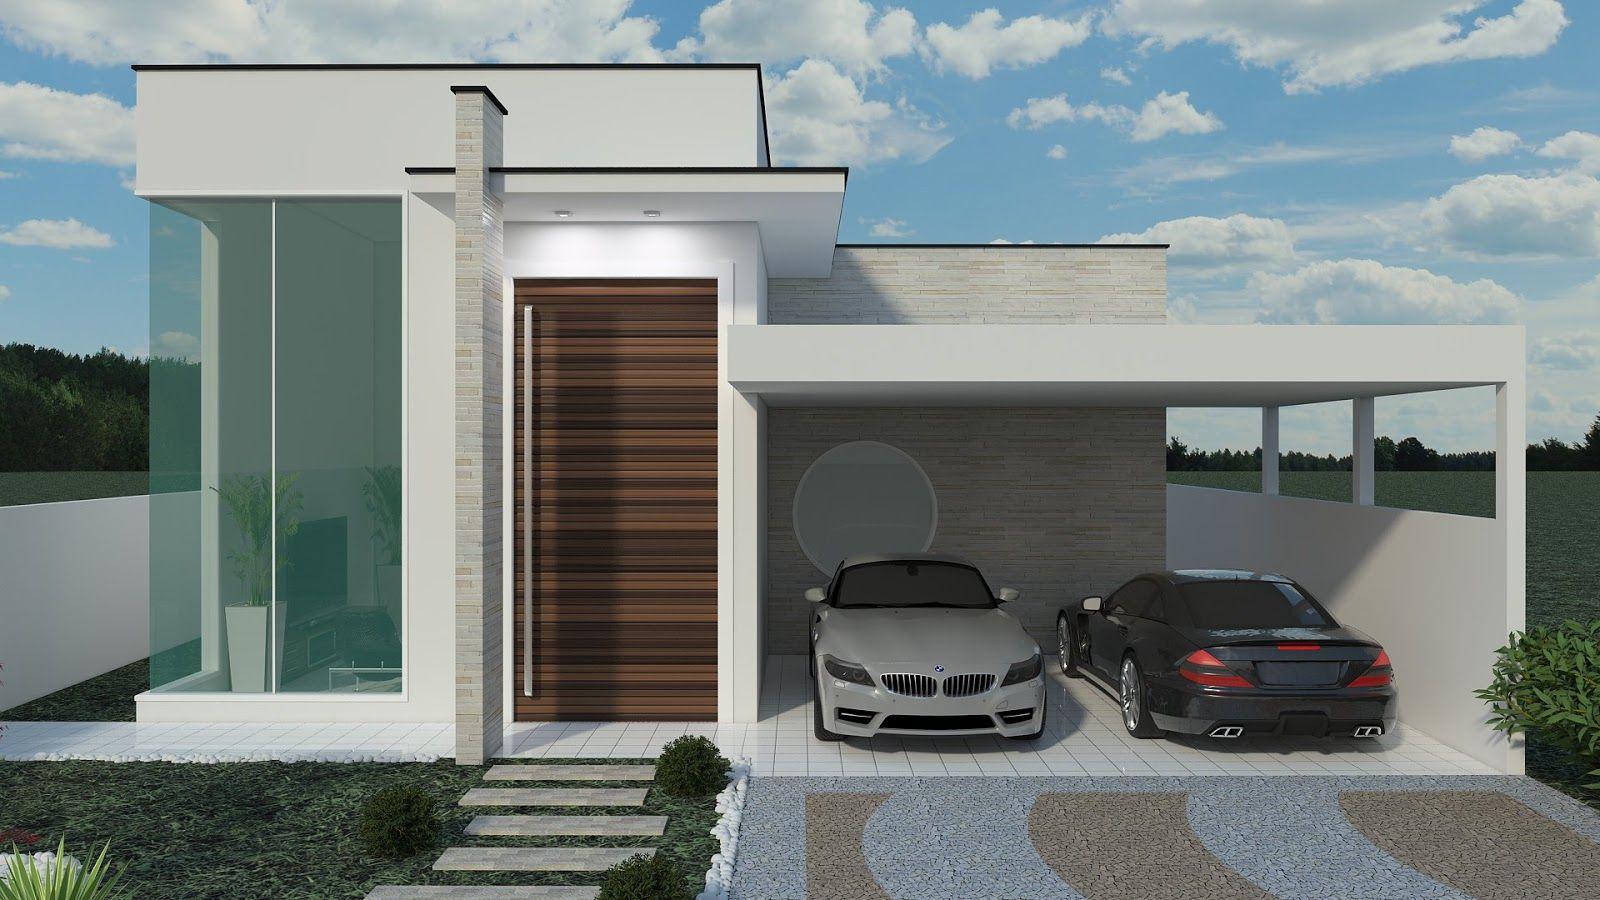 Fachadas de casas quadradas veja 40 modelos dos sonhos for Casa modelo americano